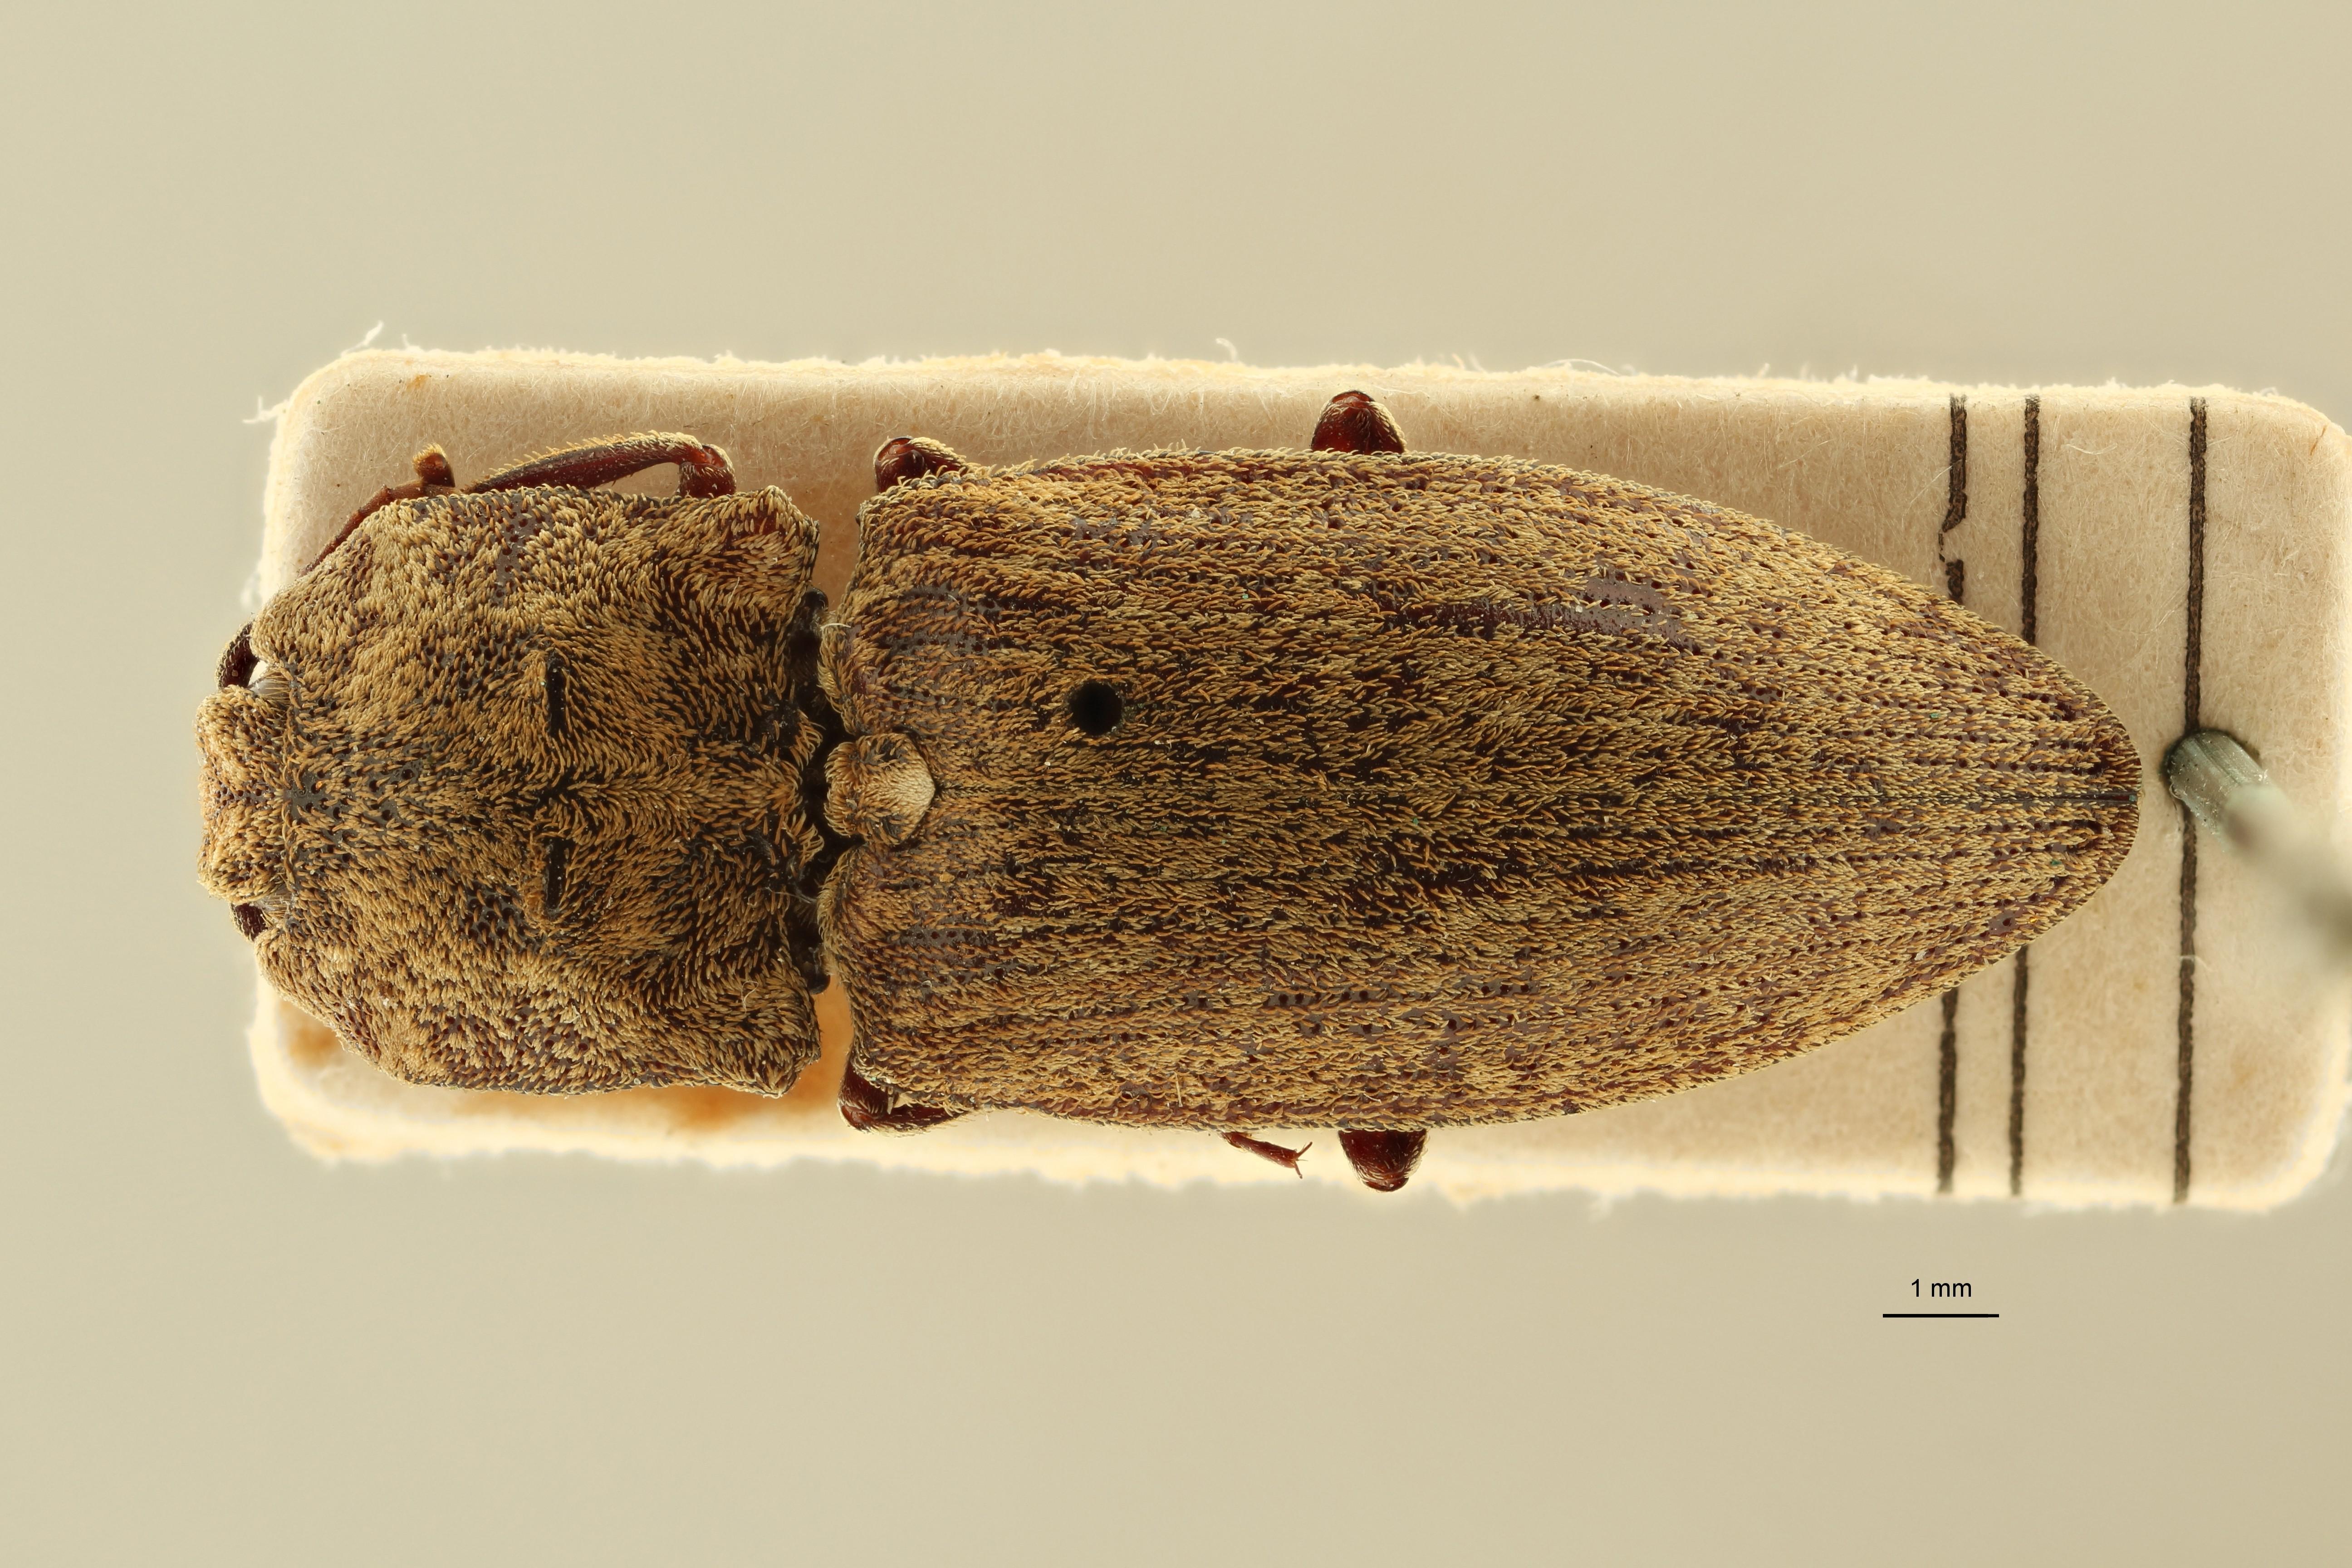 Lacon dorcinus st1 D ZS PMax Scaled.jpeg